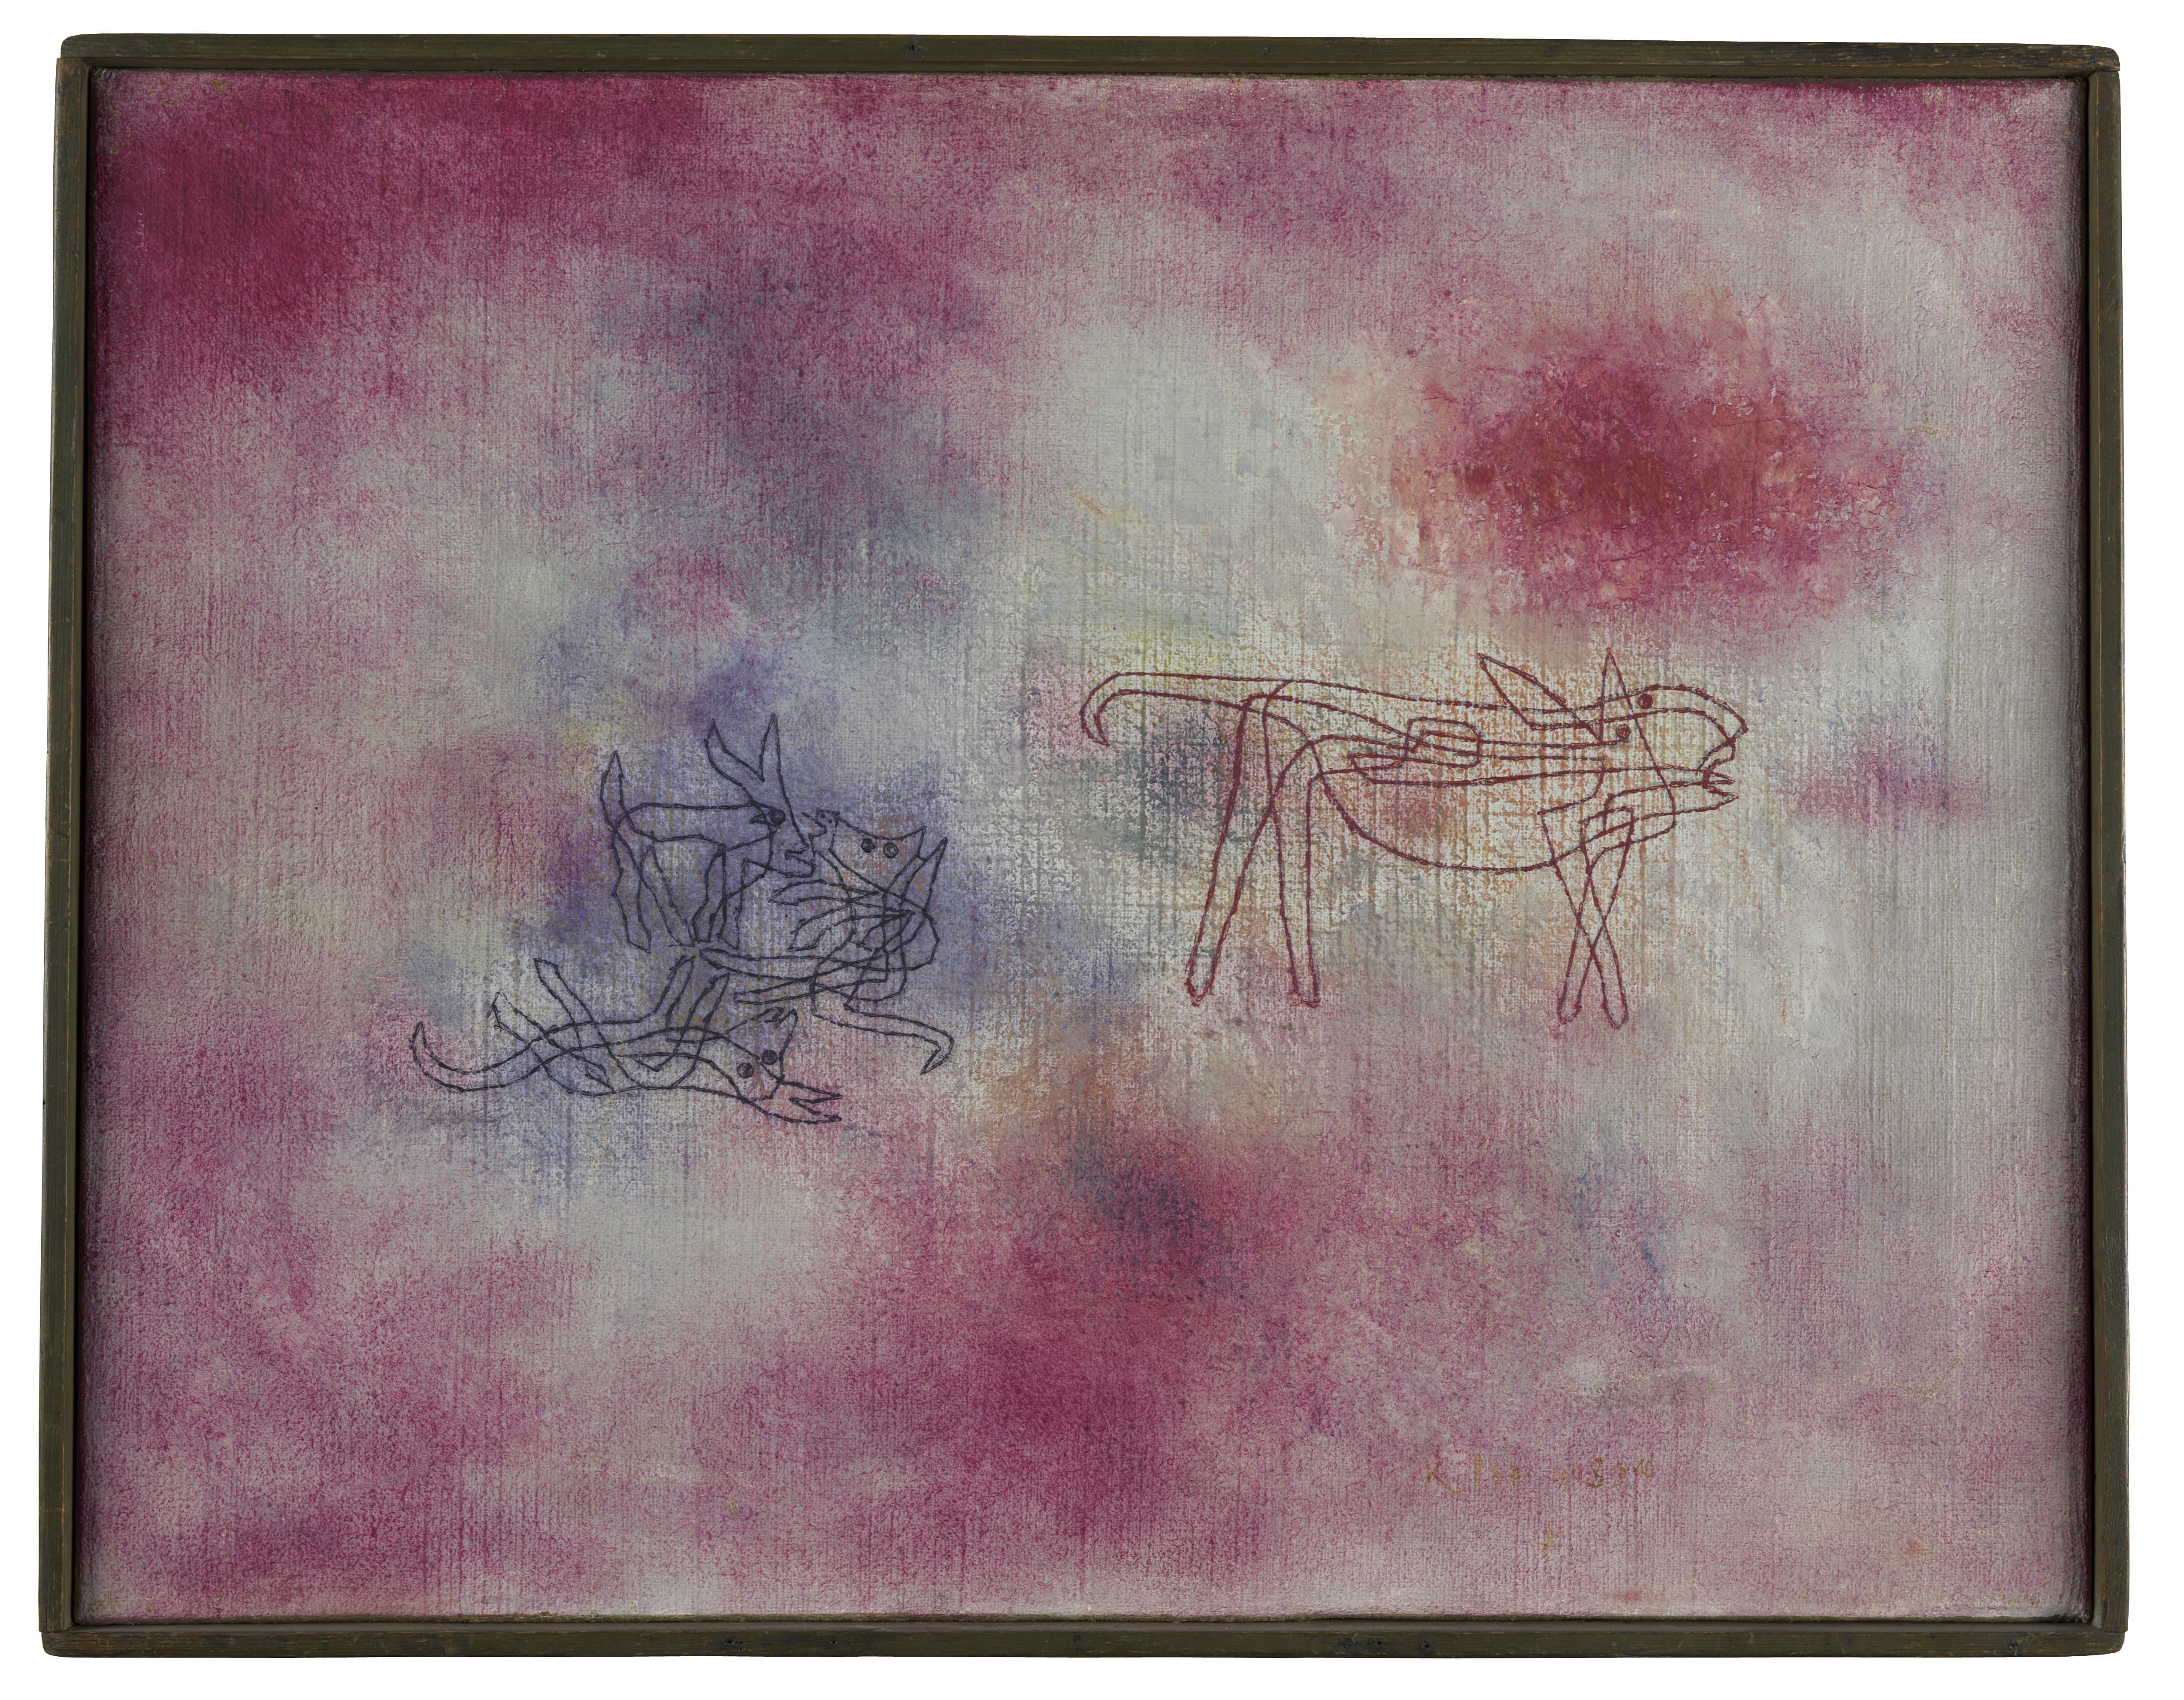 Paul Klee: Ich will nichts wissen